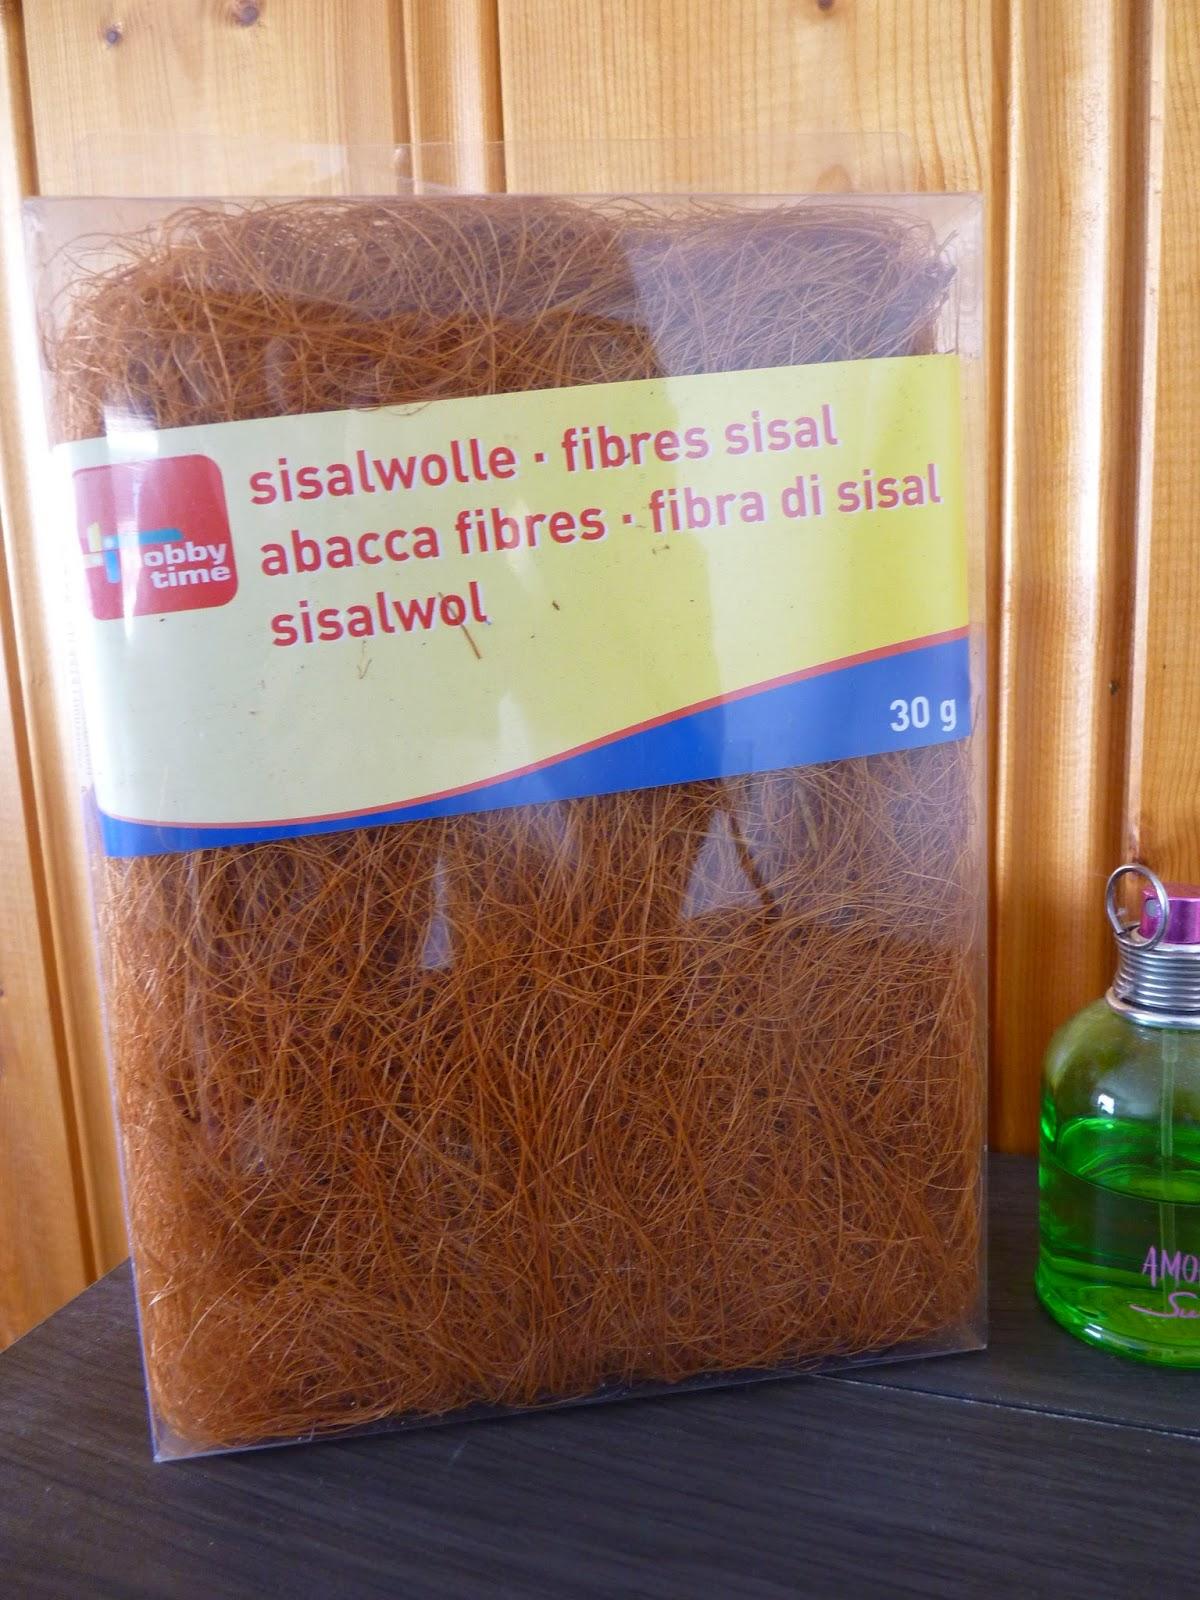 fibres sisal marron, fibre sisal, marron, pâques, commande, scrapbooking, loisir créatif,